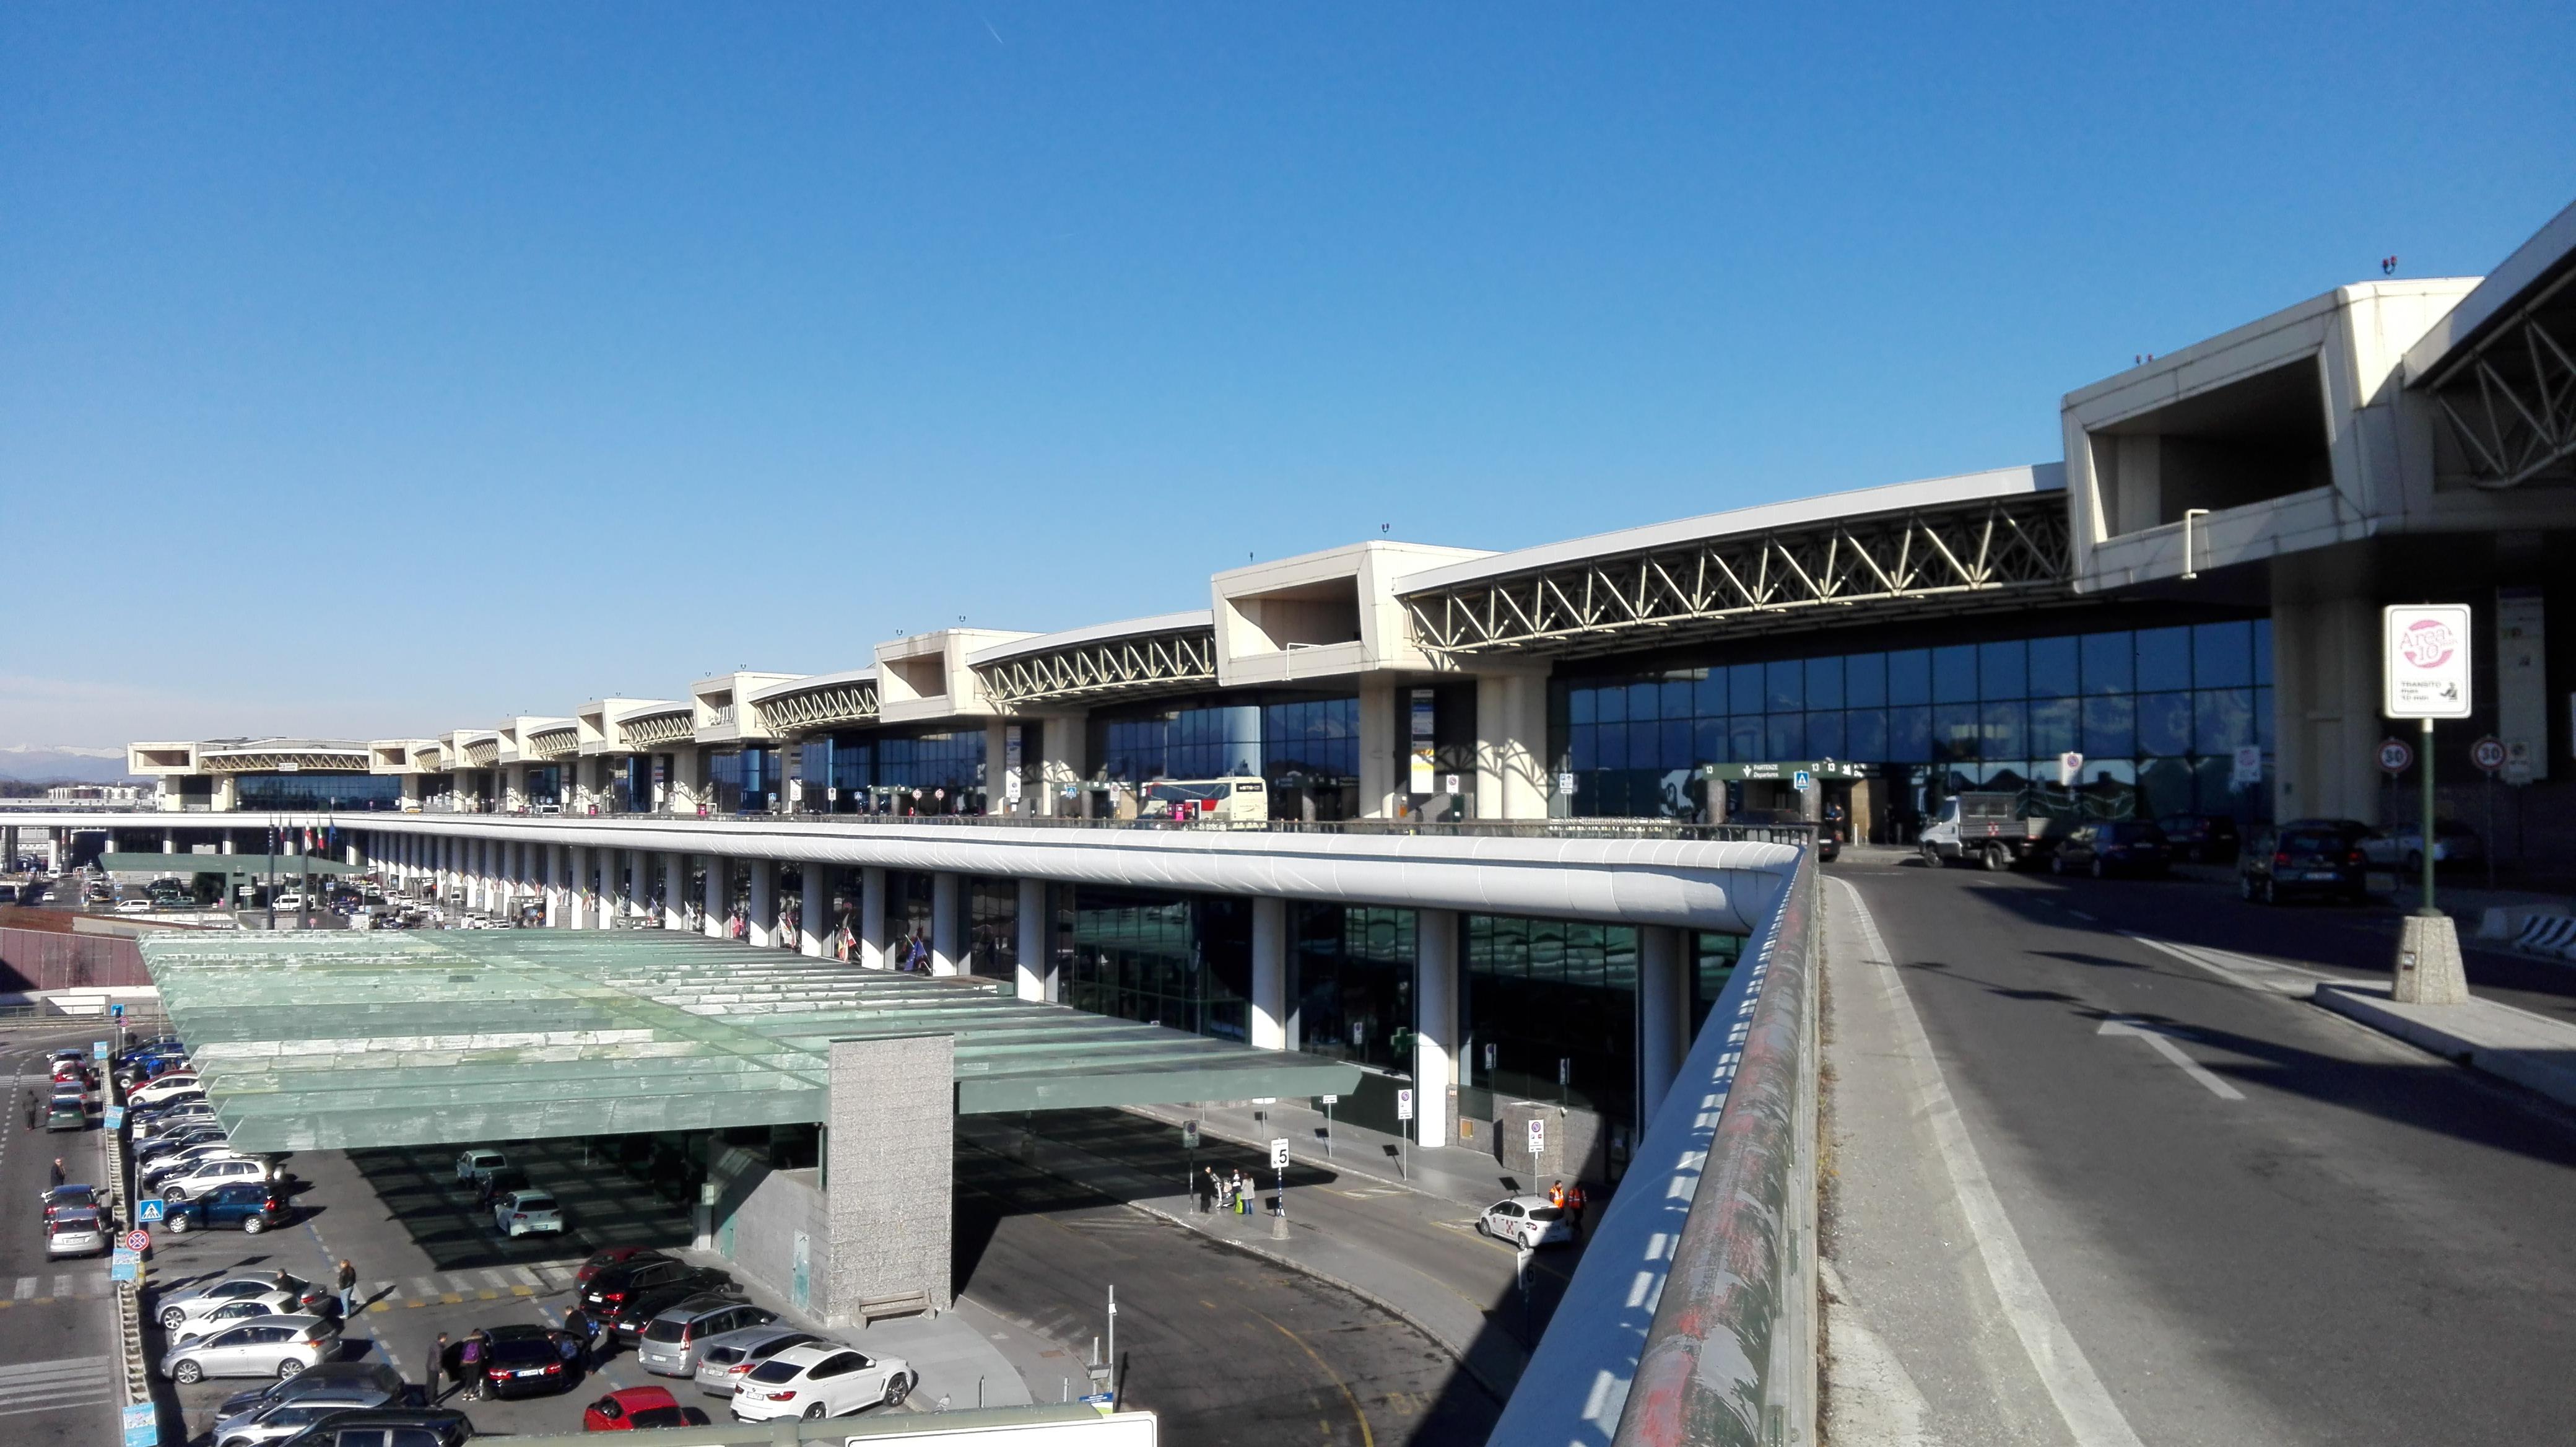 Aeroporto de Malpensa para Milão e Linate - conexões com a ...